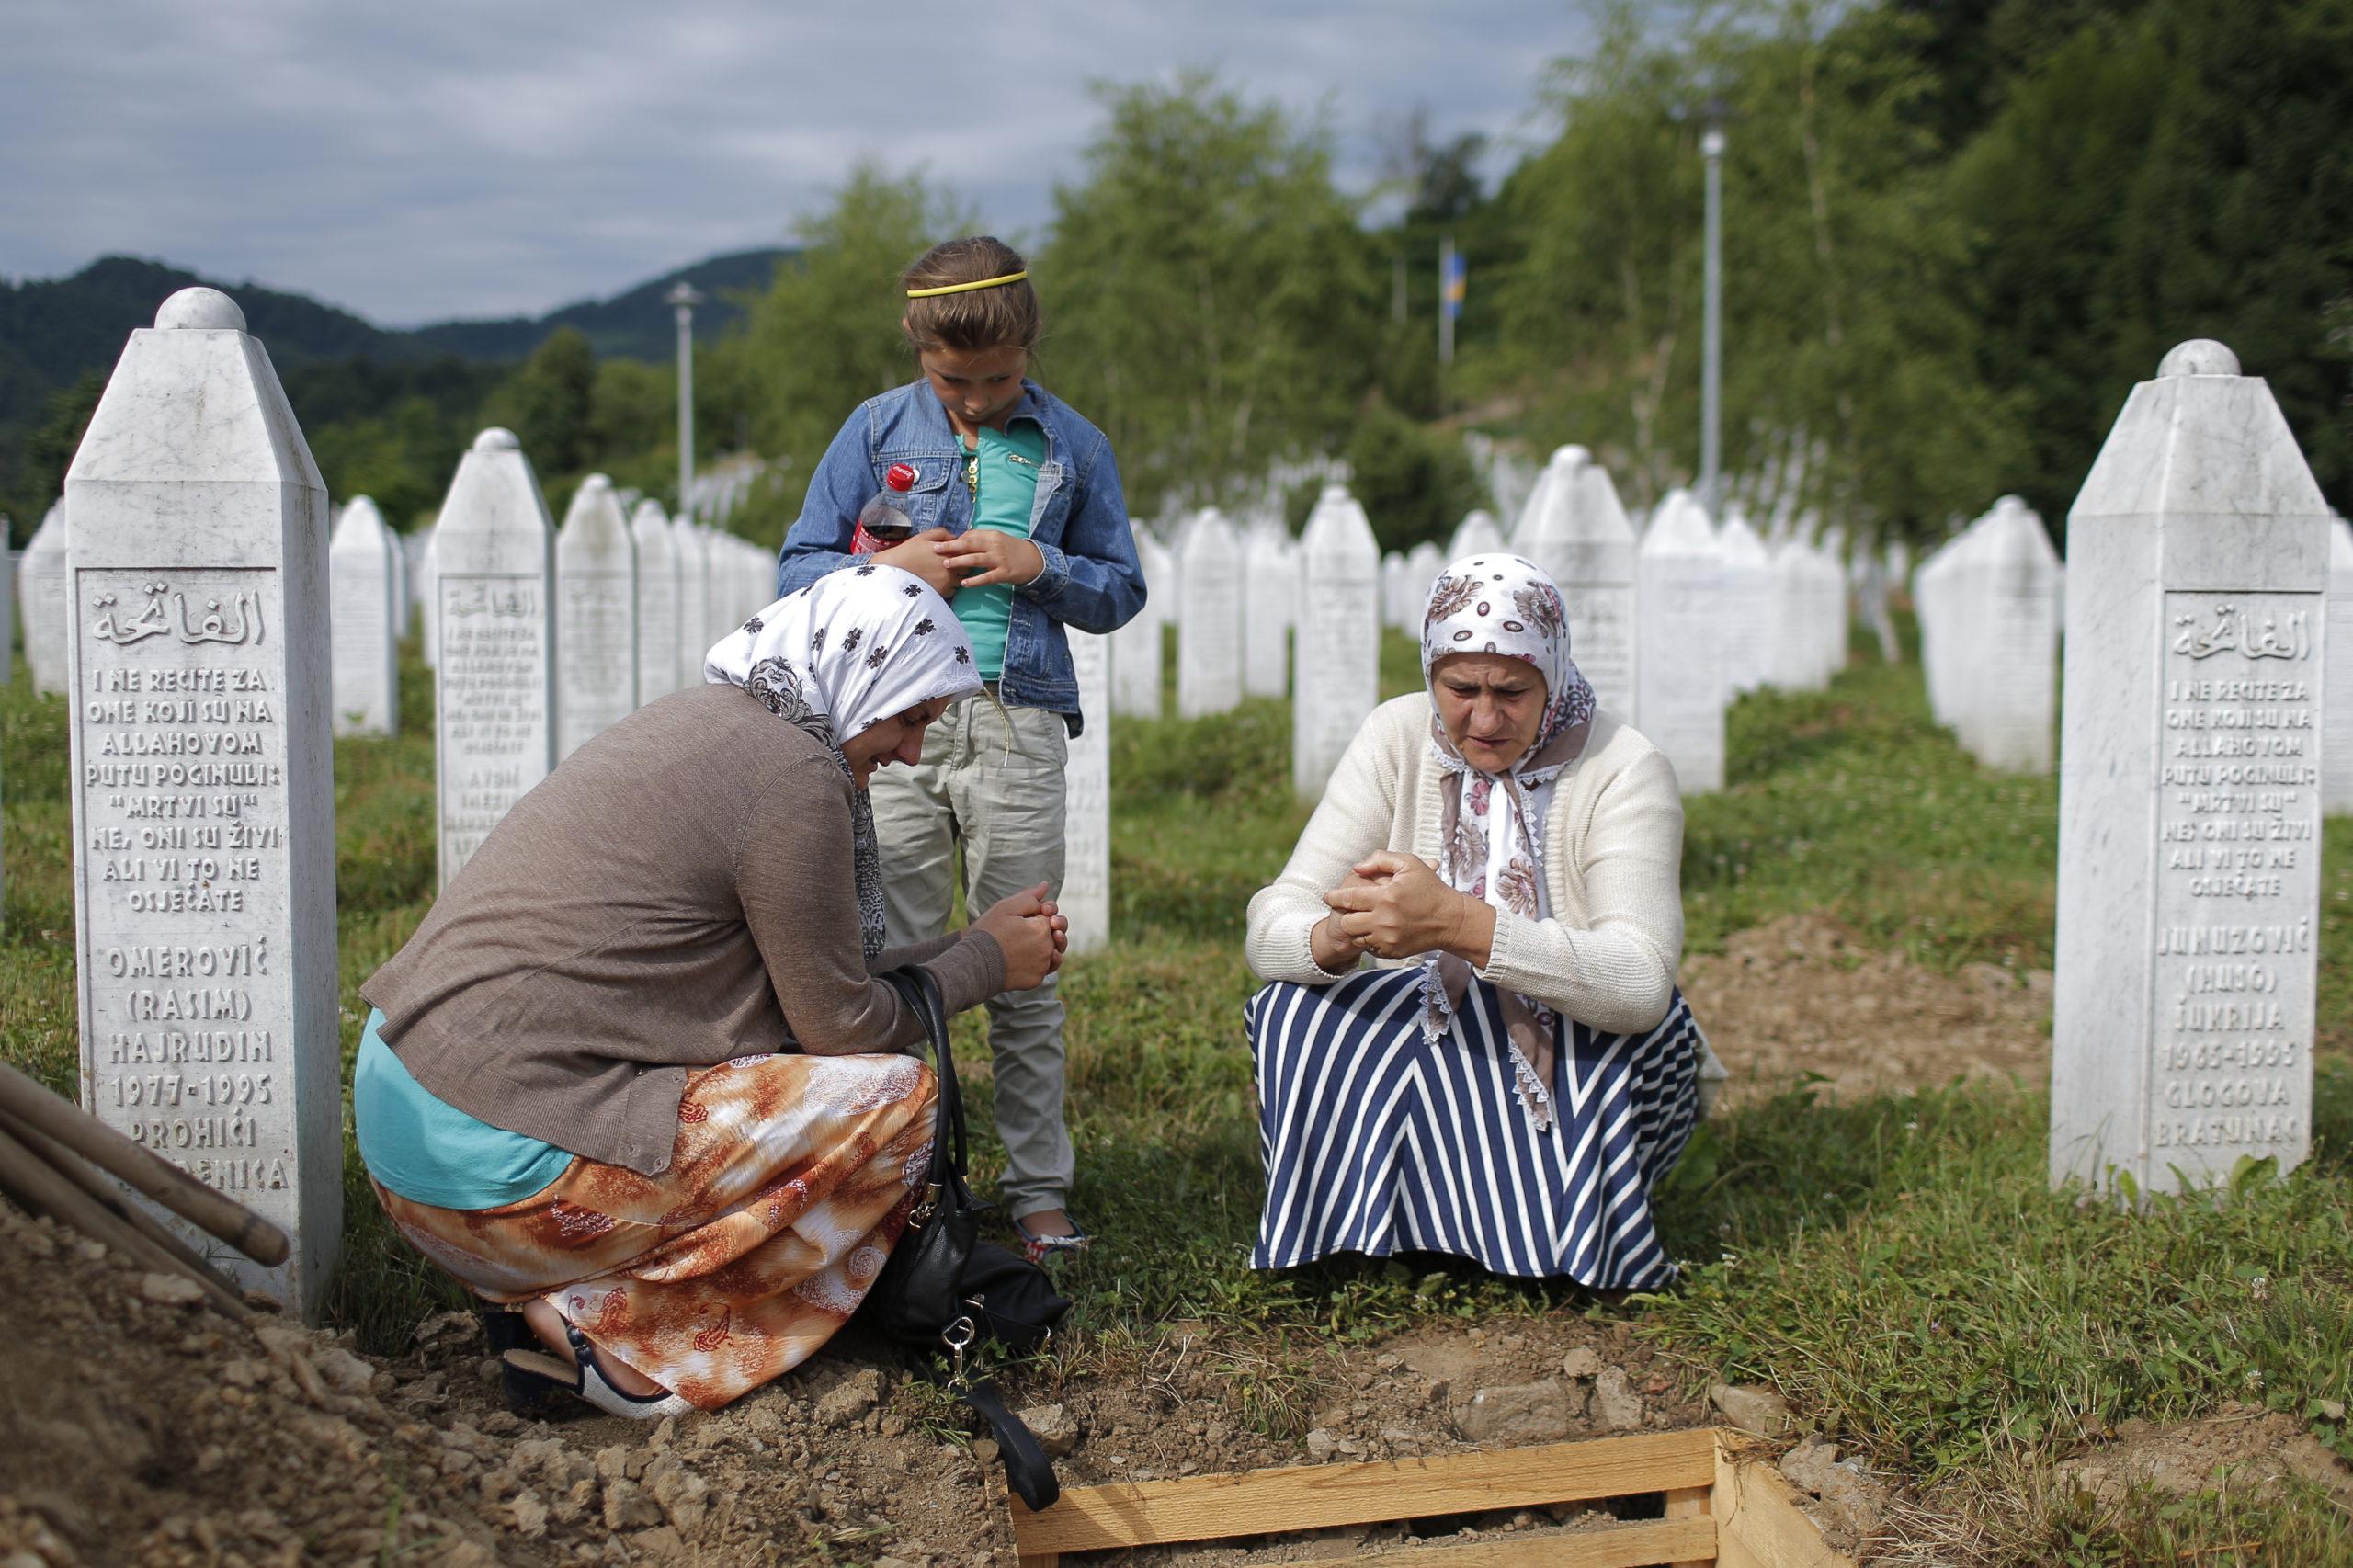 Suru. Musliminaiset muistelivat läheisiään haudoilla, kun 136 vastatunnistettua Srebrenican joukkomurhan uhria haudattiin viime heinäkuussa. Kuva: Epa/Valdrin Xhemaj/All over press